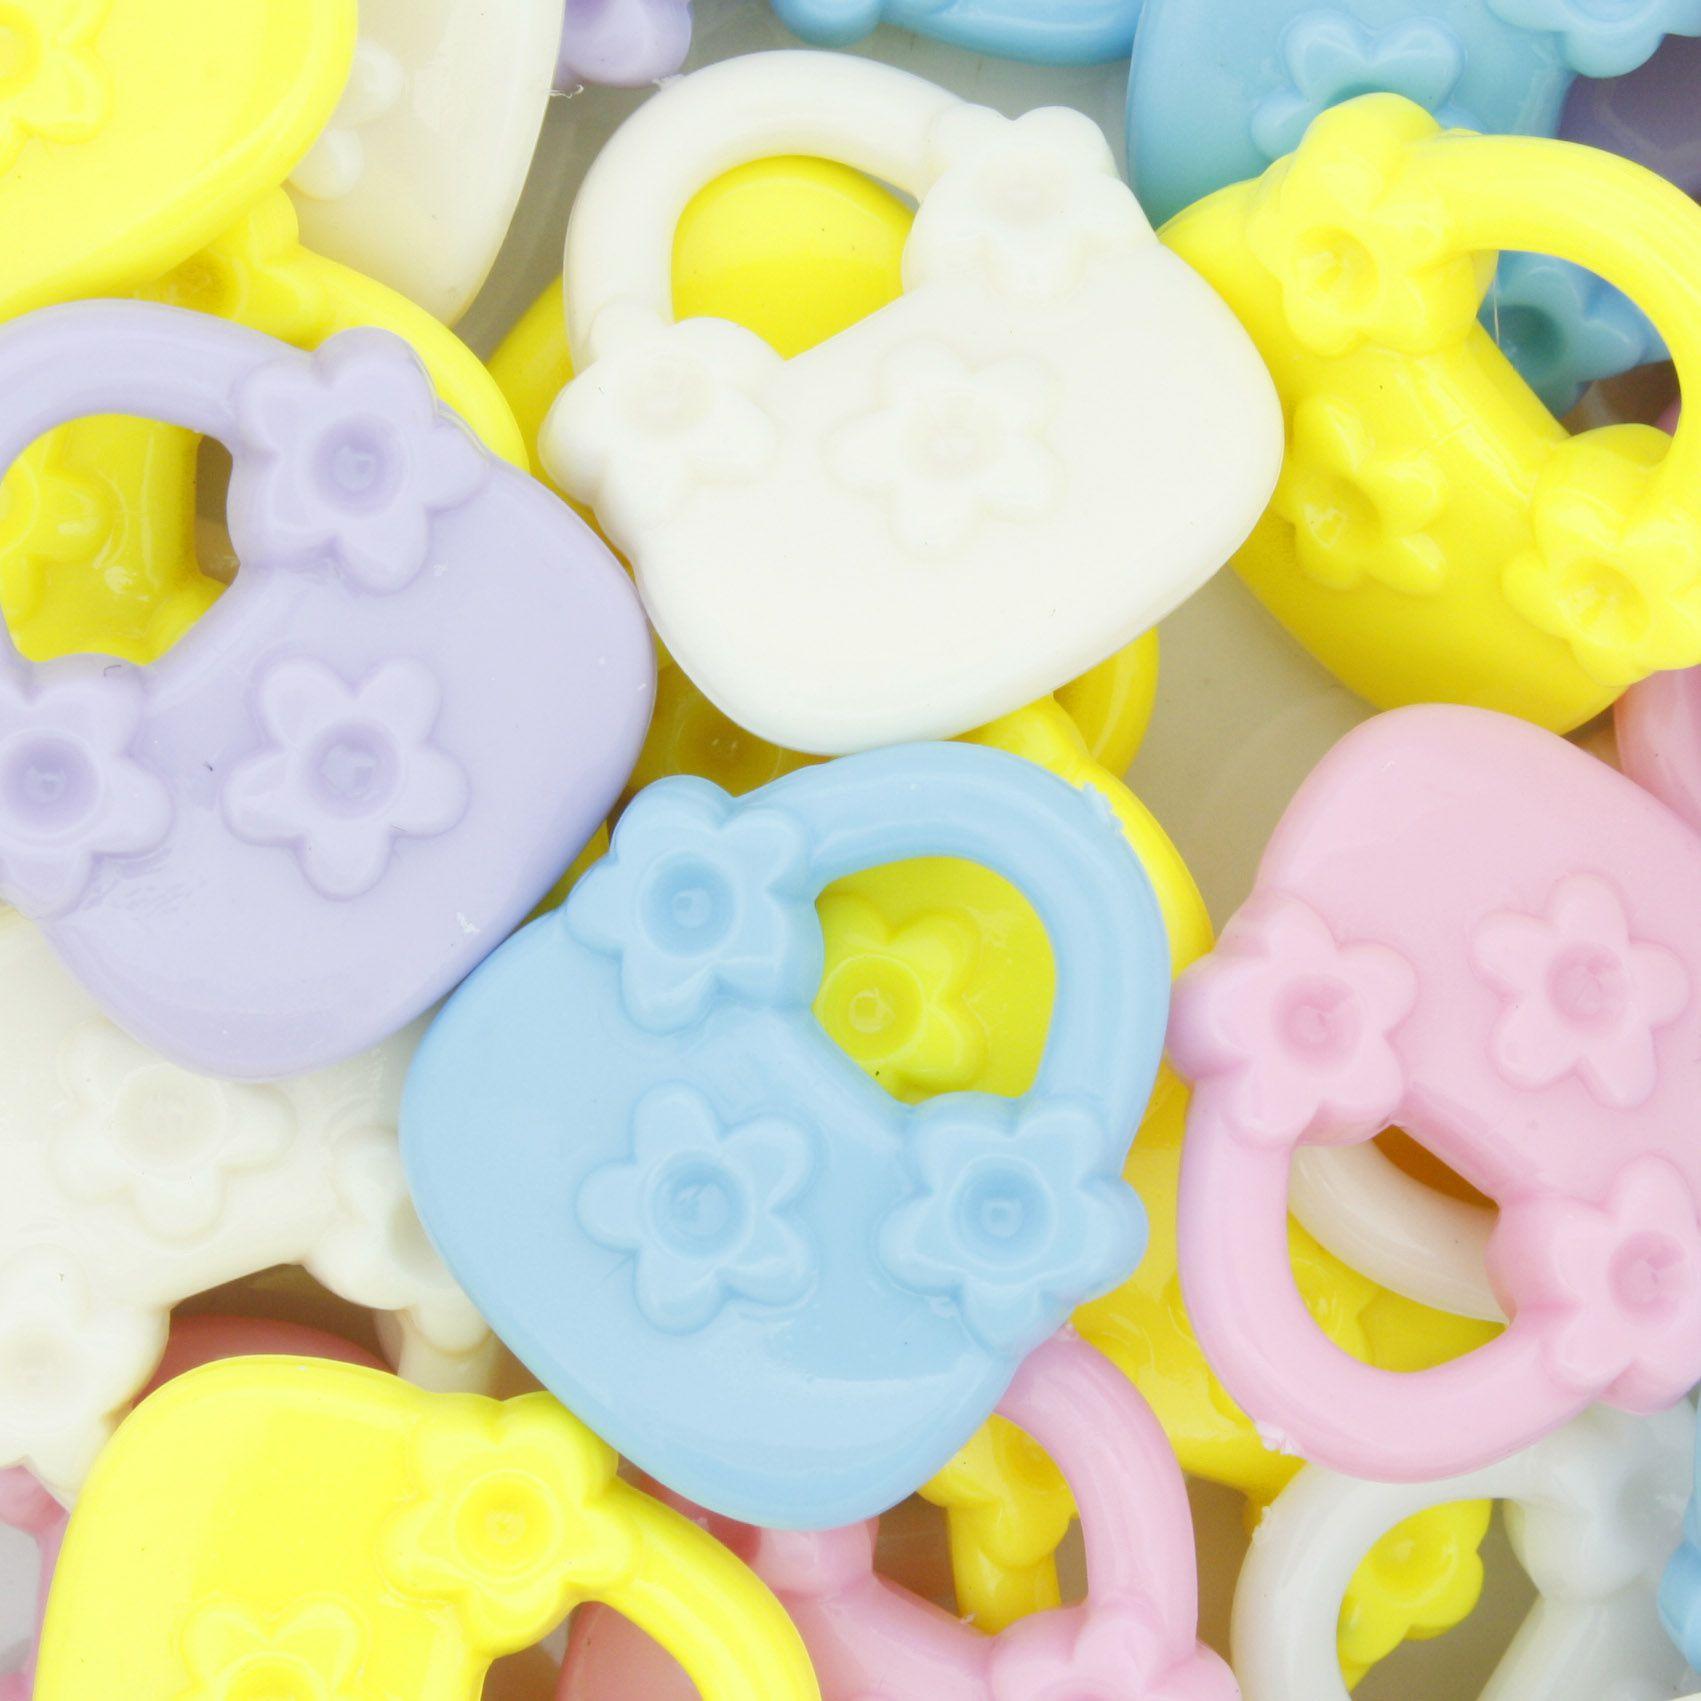 Miçanga Colorida / Infantil - Bolsinha  - Stéphanie Bijoux® - Peças para Bijuterias e Artesanato